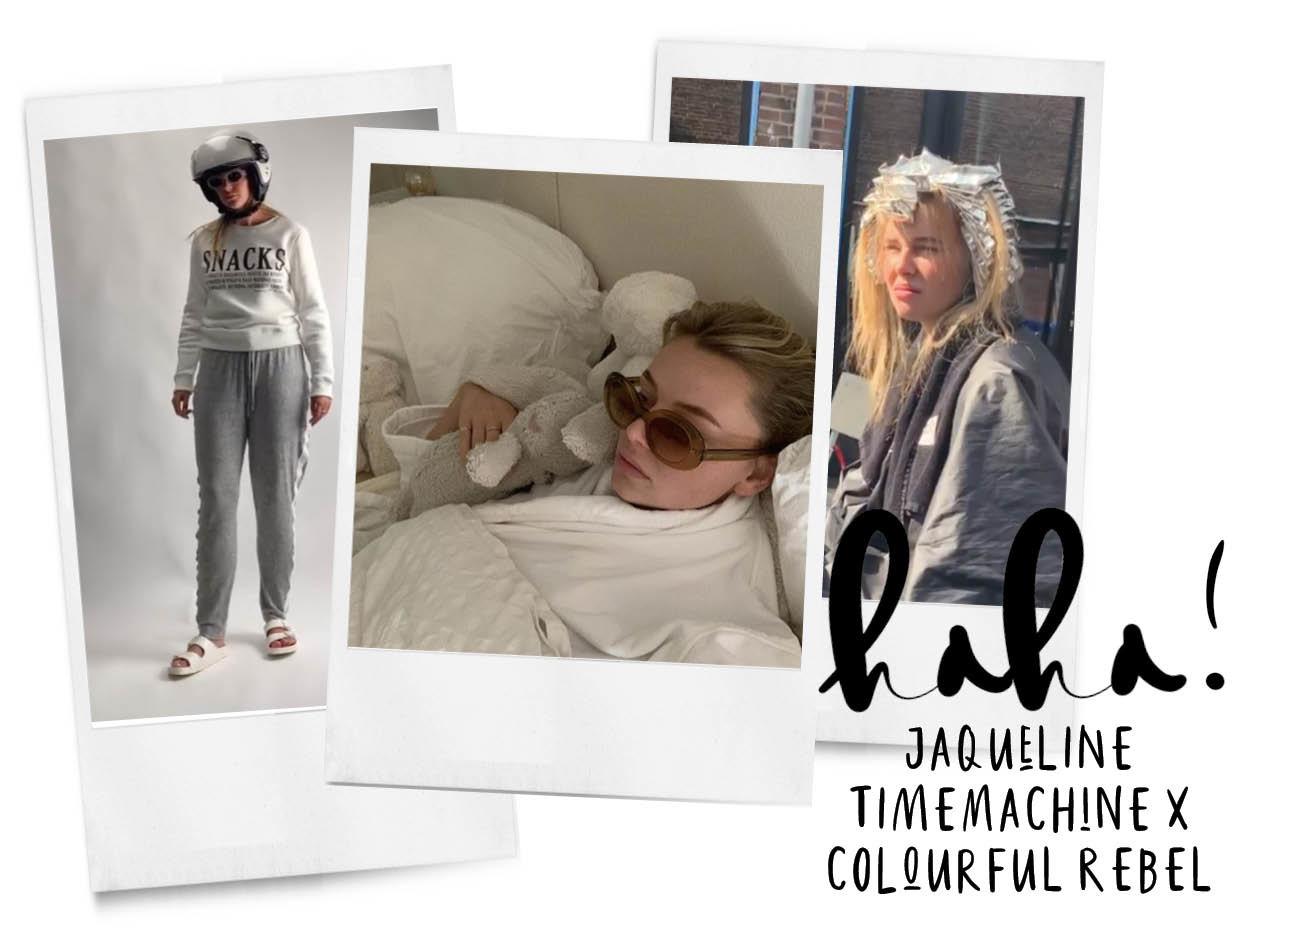 Op de foto zijn meerder afbeeldingen van jaqueline timemachine te zien voor haar samenwerking met colorful rebele